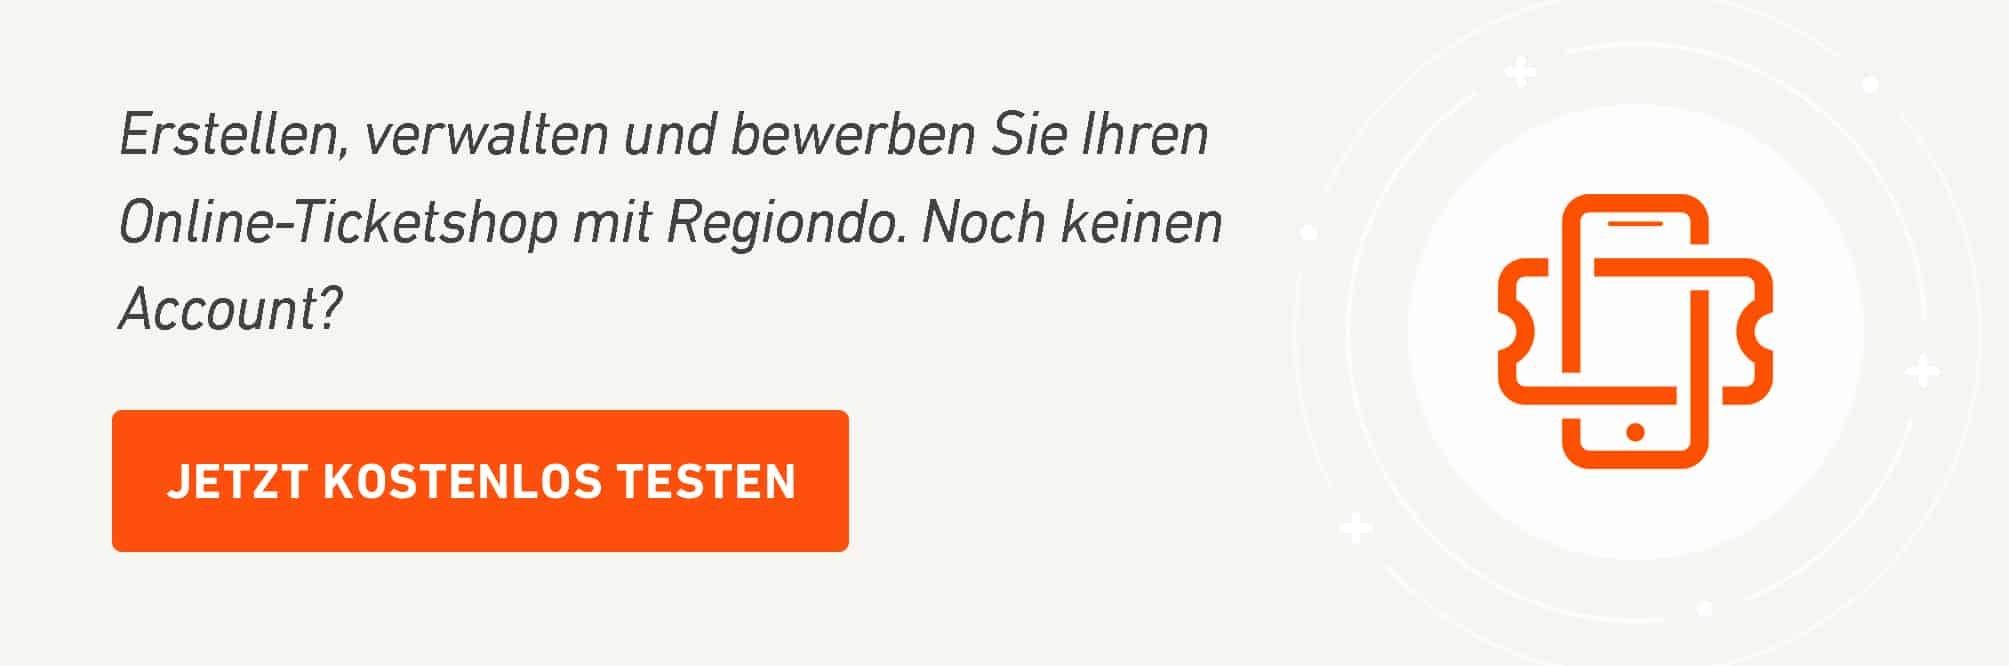 Stadtführung Hamburg kostenloser Testaccount